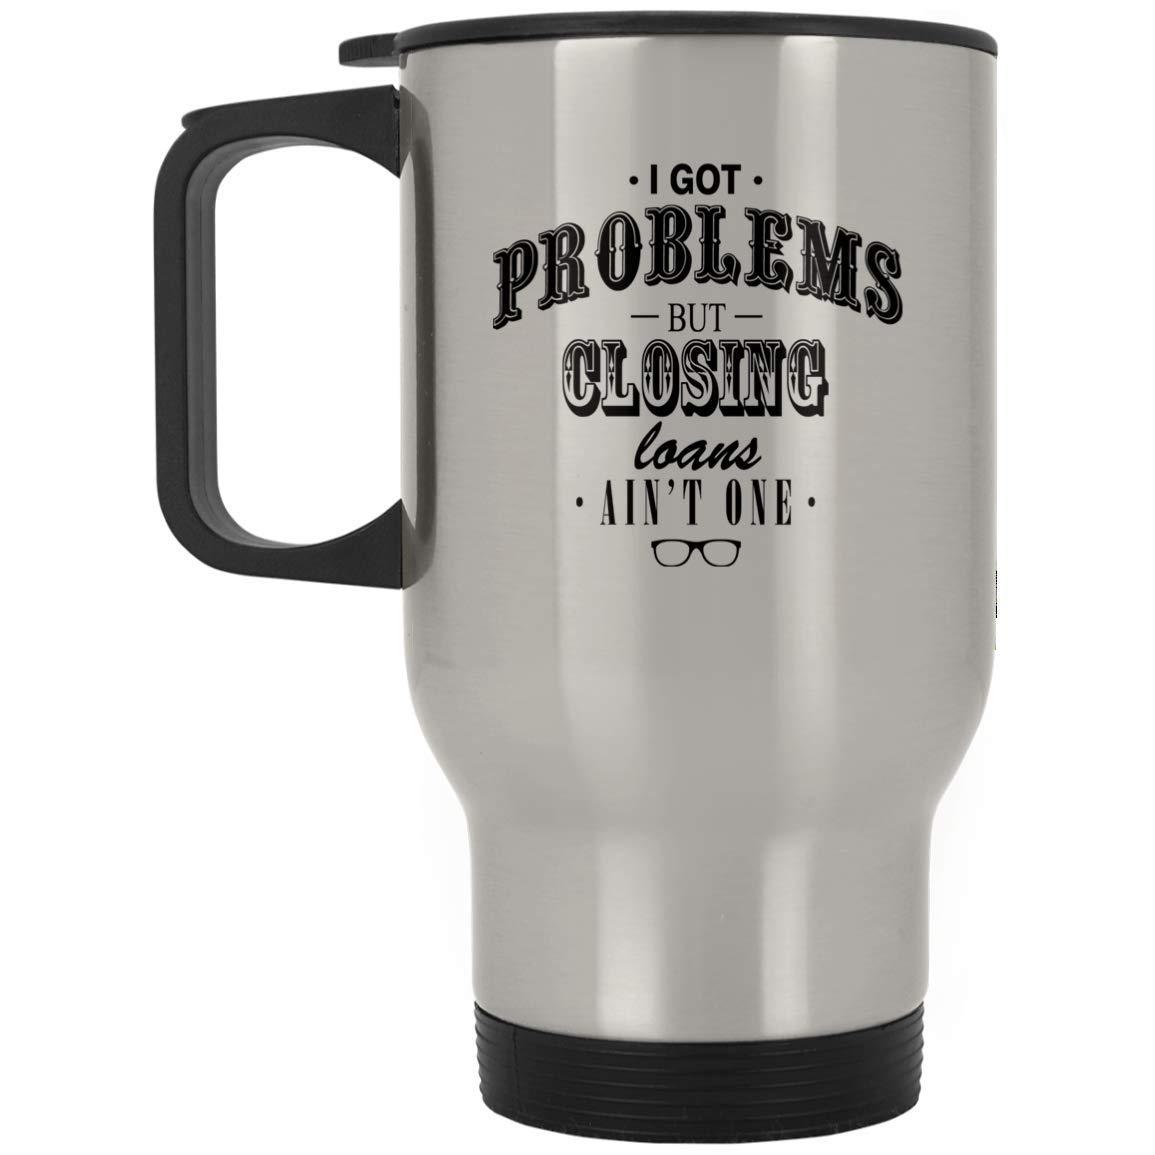 Lender Mug, Loan Officer Mug, loan officer gift, lender gift, mortgage consultant mug, mortgage consultant gift, Closingギフト B07JN198GH